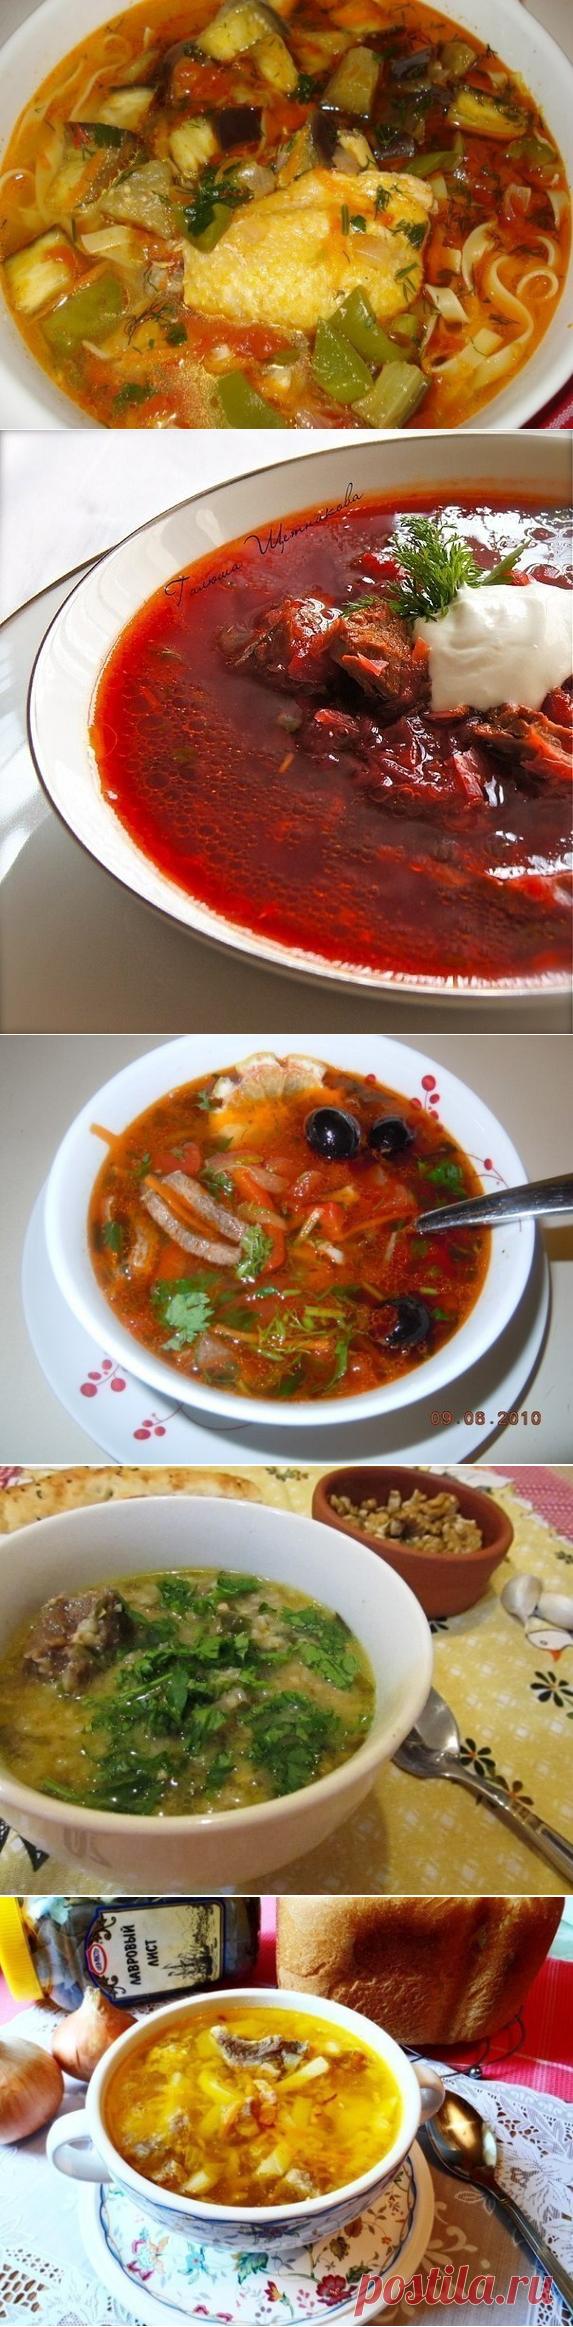 ТОР - 7 Вкусных и горячих первых блюд 🍲